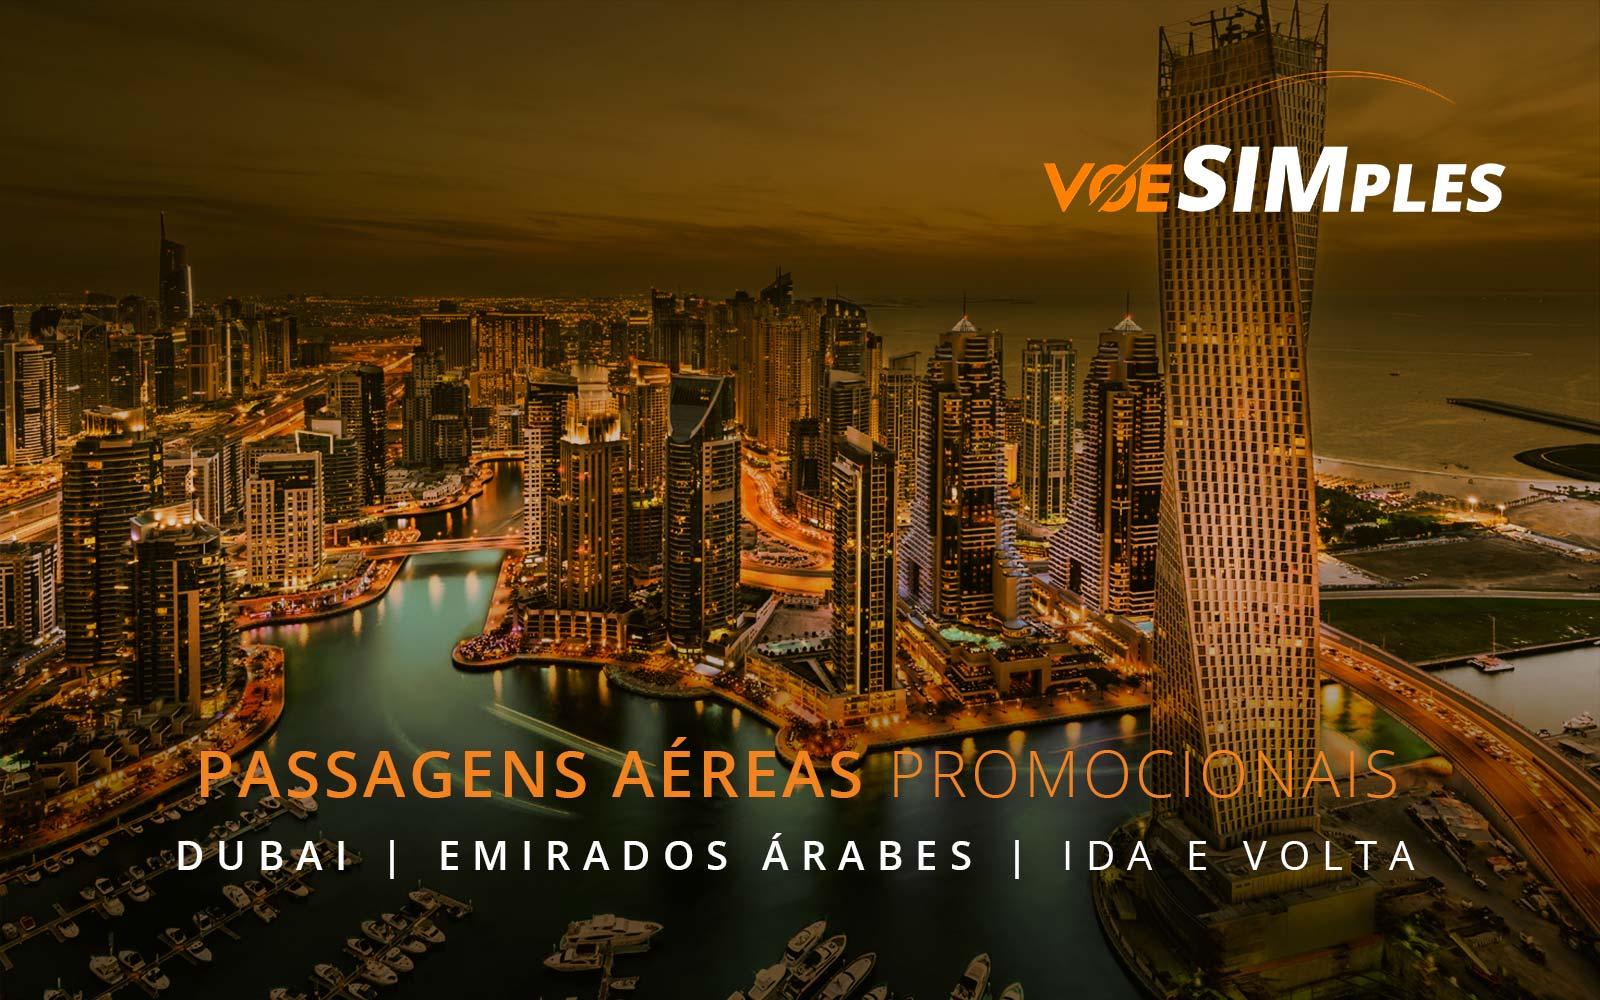 passagens-aereas-promocionais-emirados-arabes-dubai-voe-simples-passagens-aereas-baratas-promocao-dubai-emirados-arabes